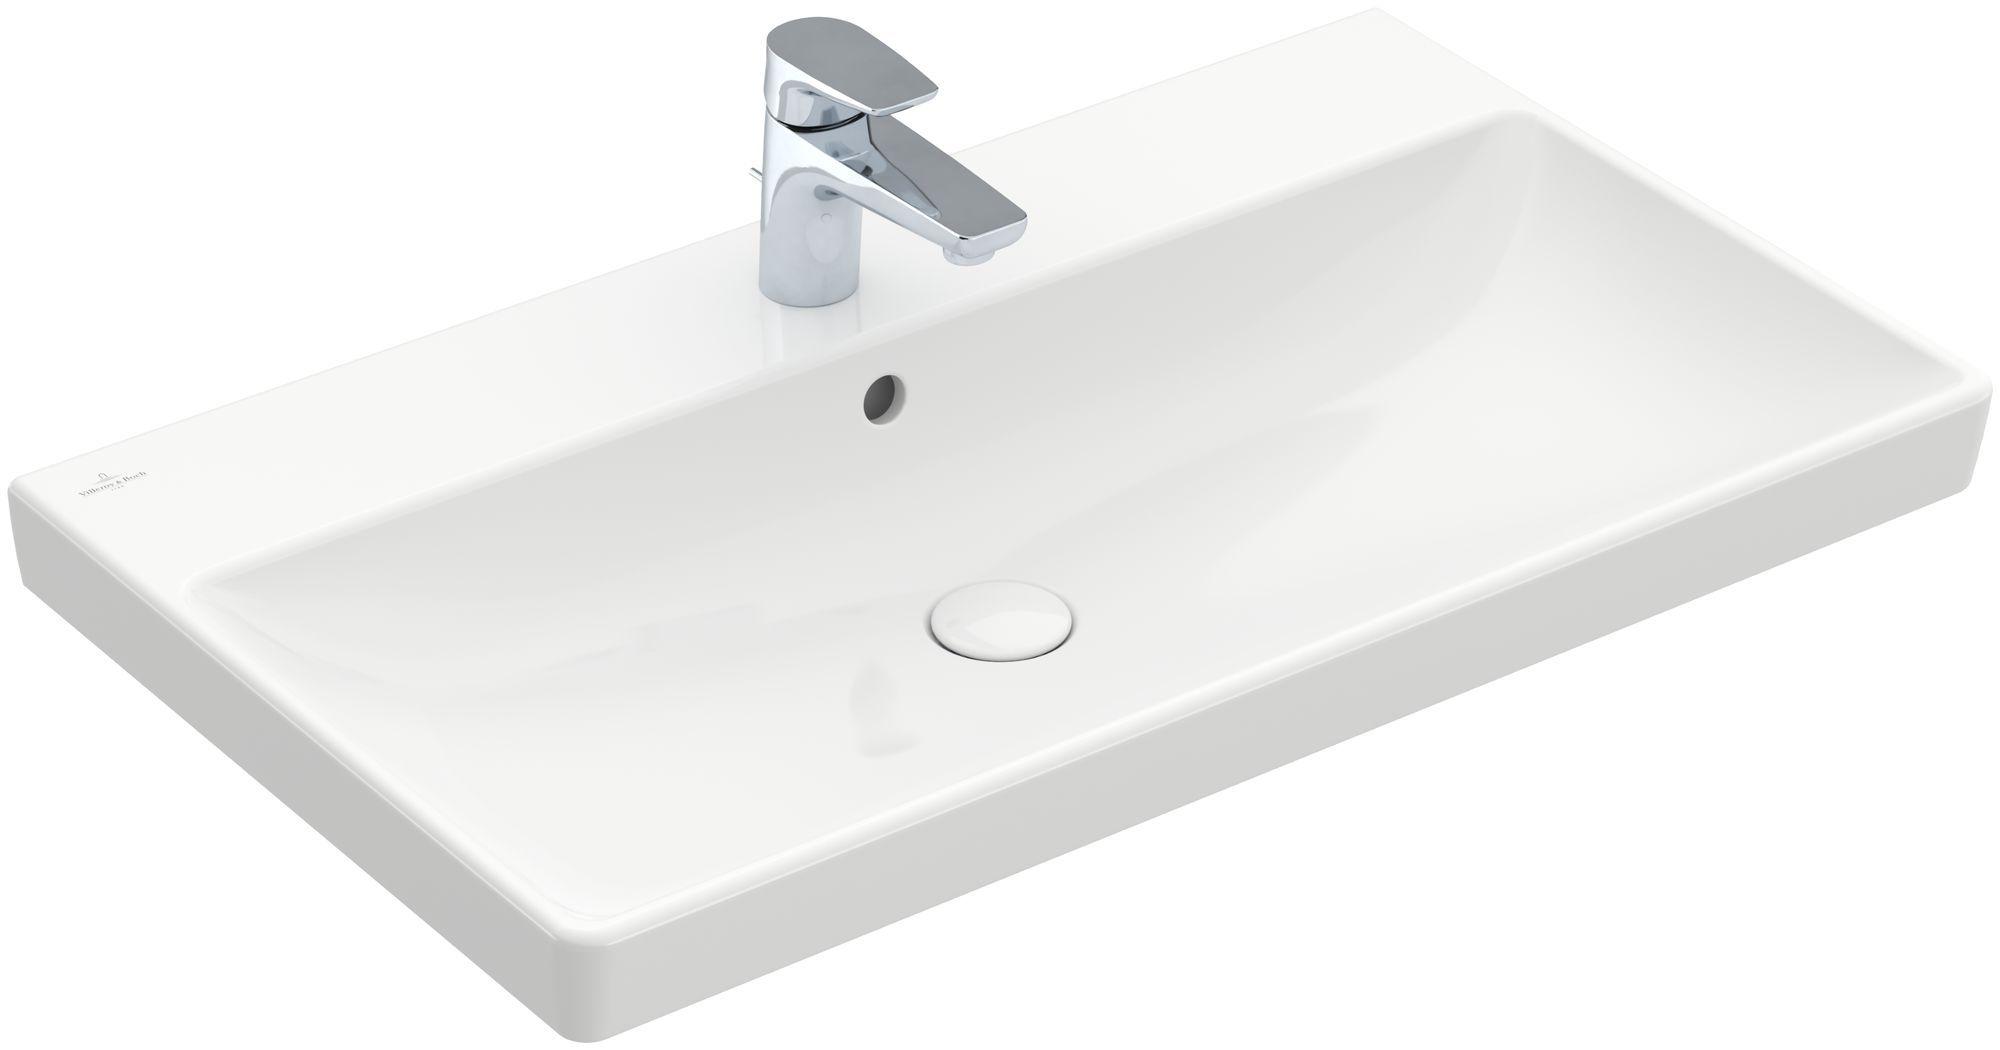 Villeroy & Boch Avento Waschtisch B:80xT:47cm 1 Hahnloch mit Überlauf weiß mit CeramicPlus 415680R1